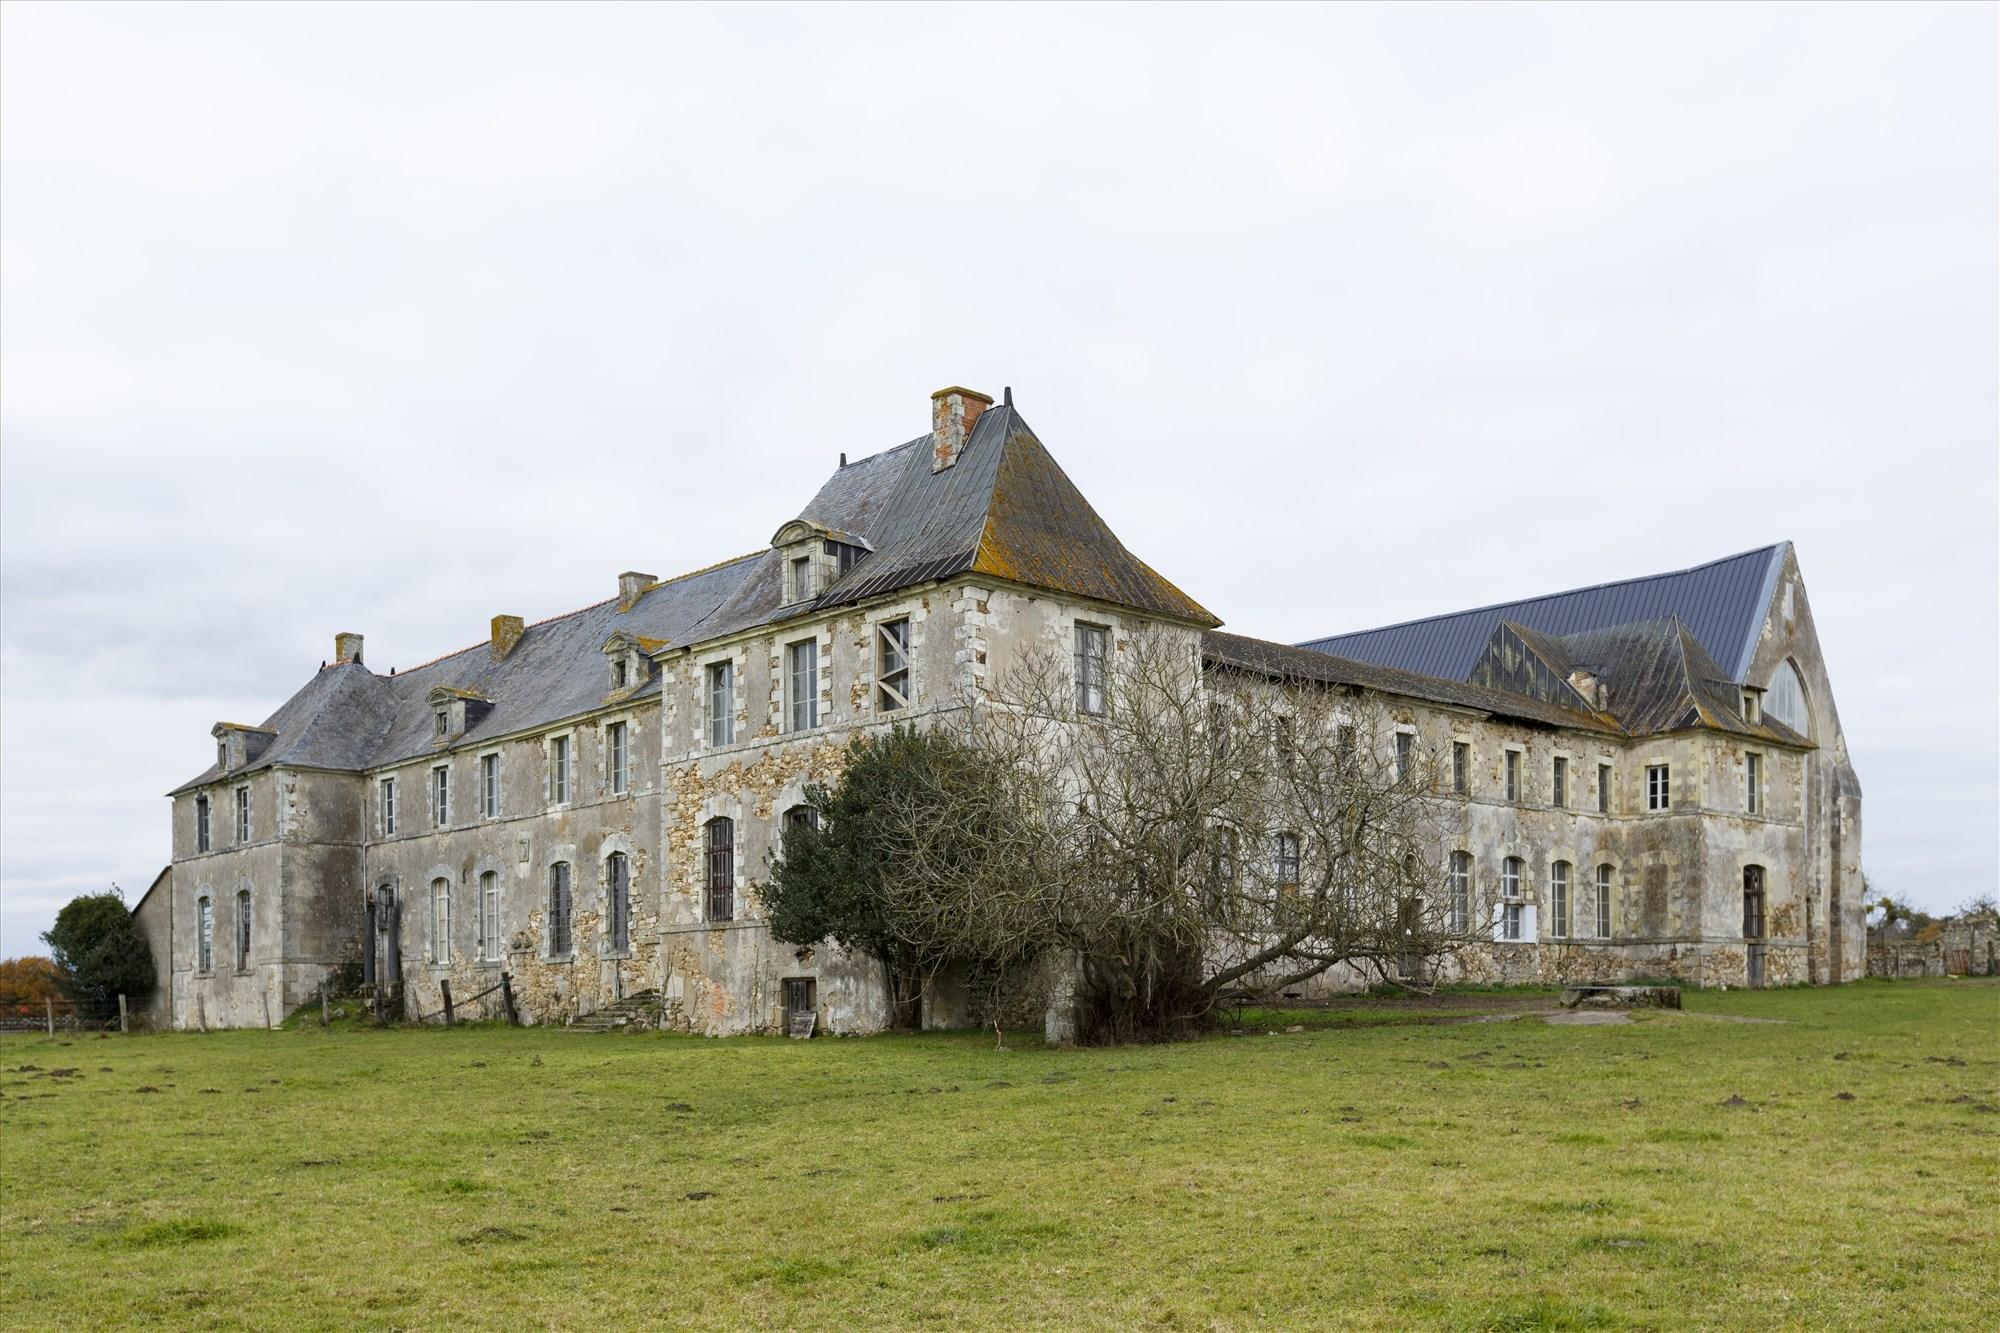 Paul Pascal/Département de Loire-Atlantique